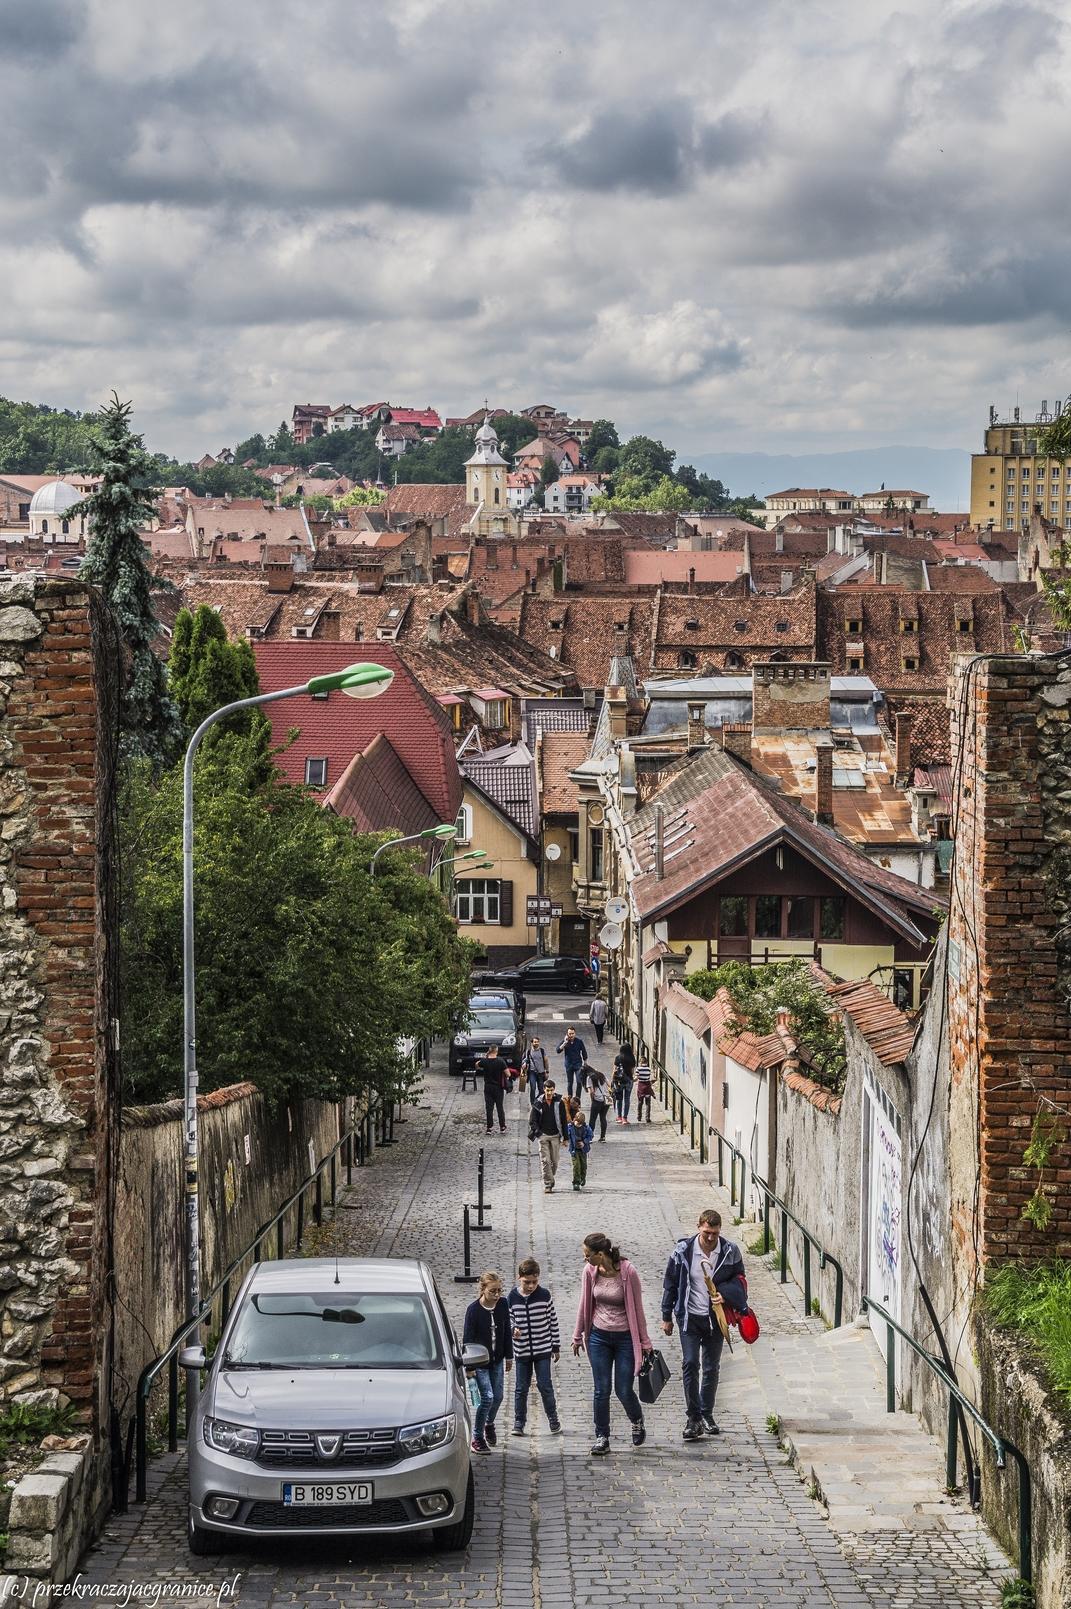 braszów - ulice w rumunii